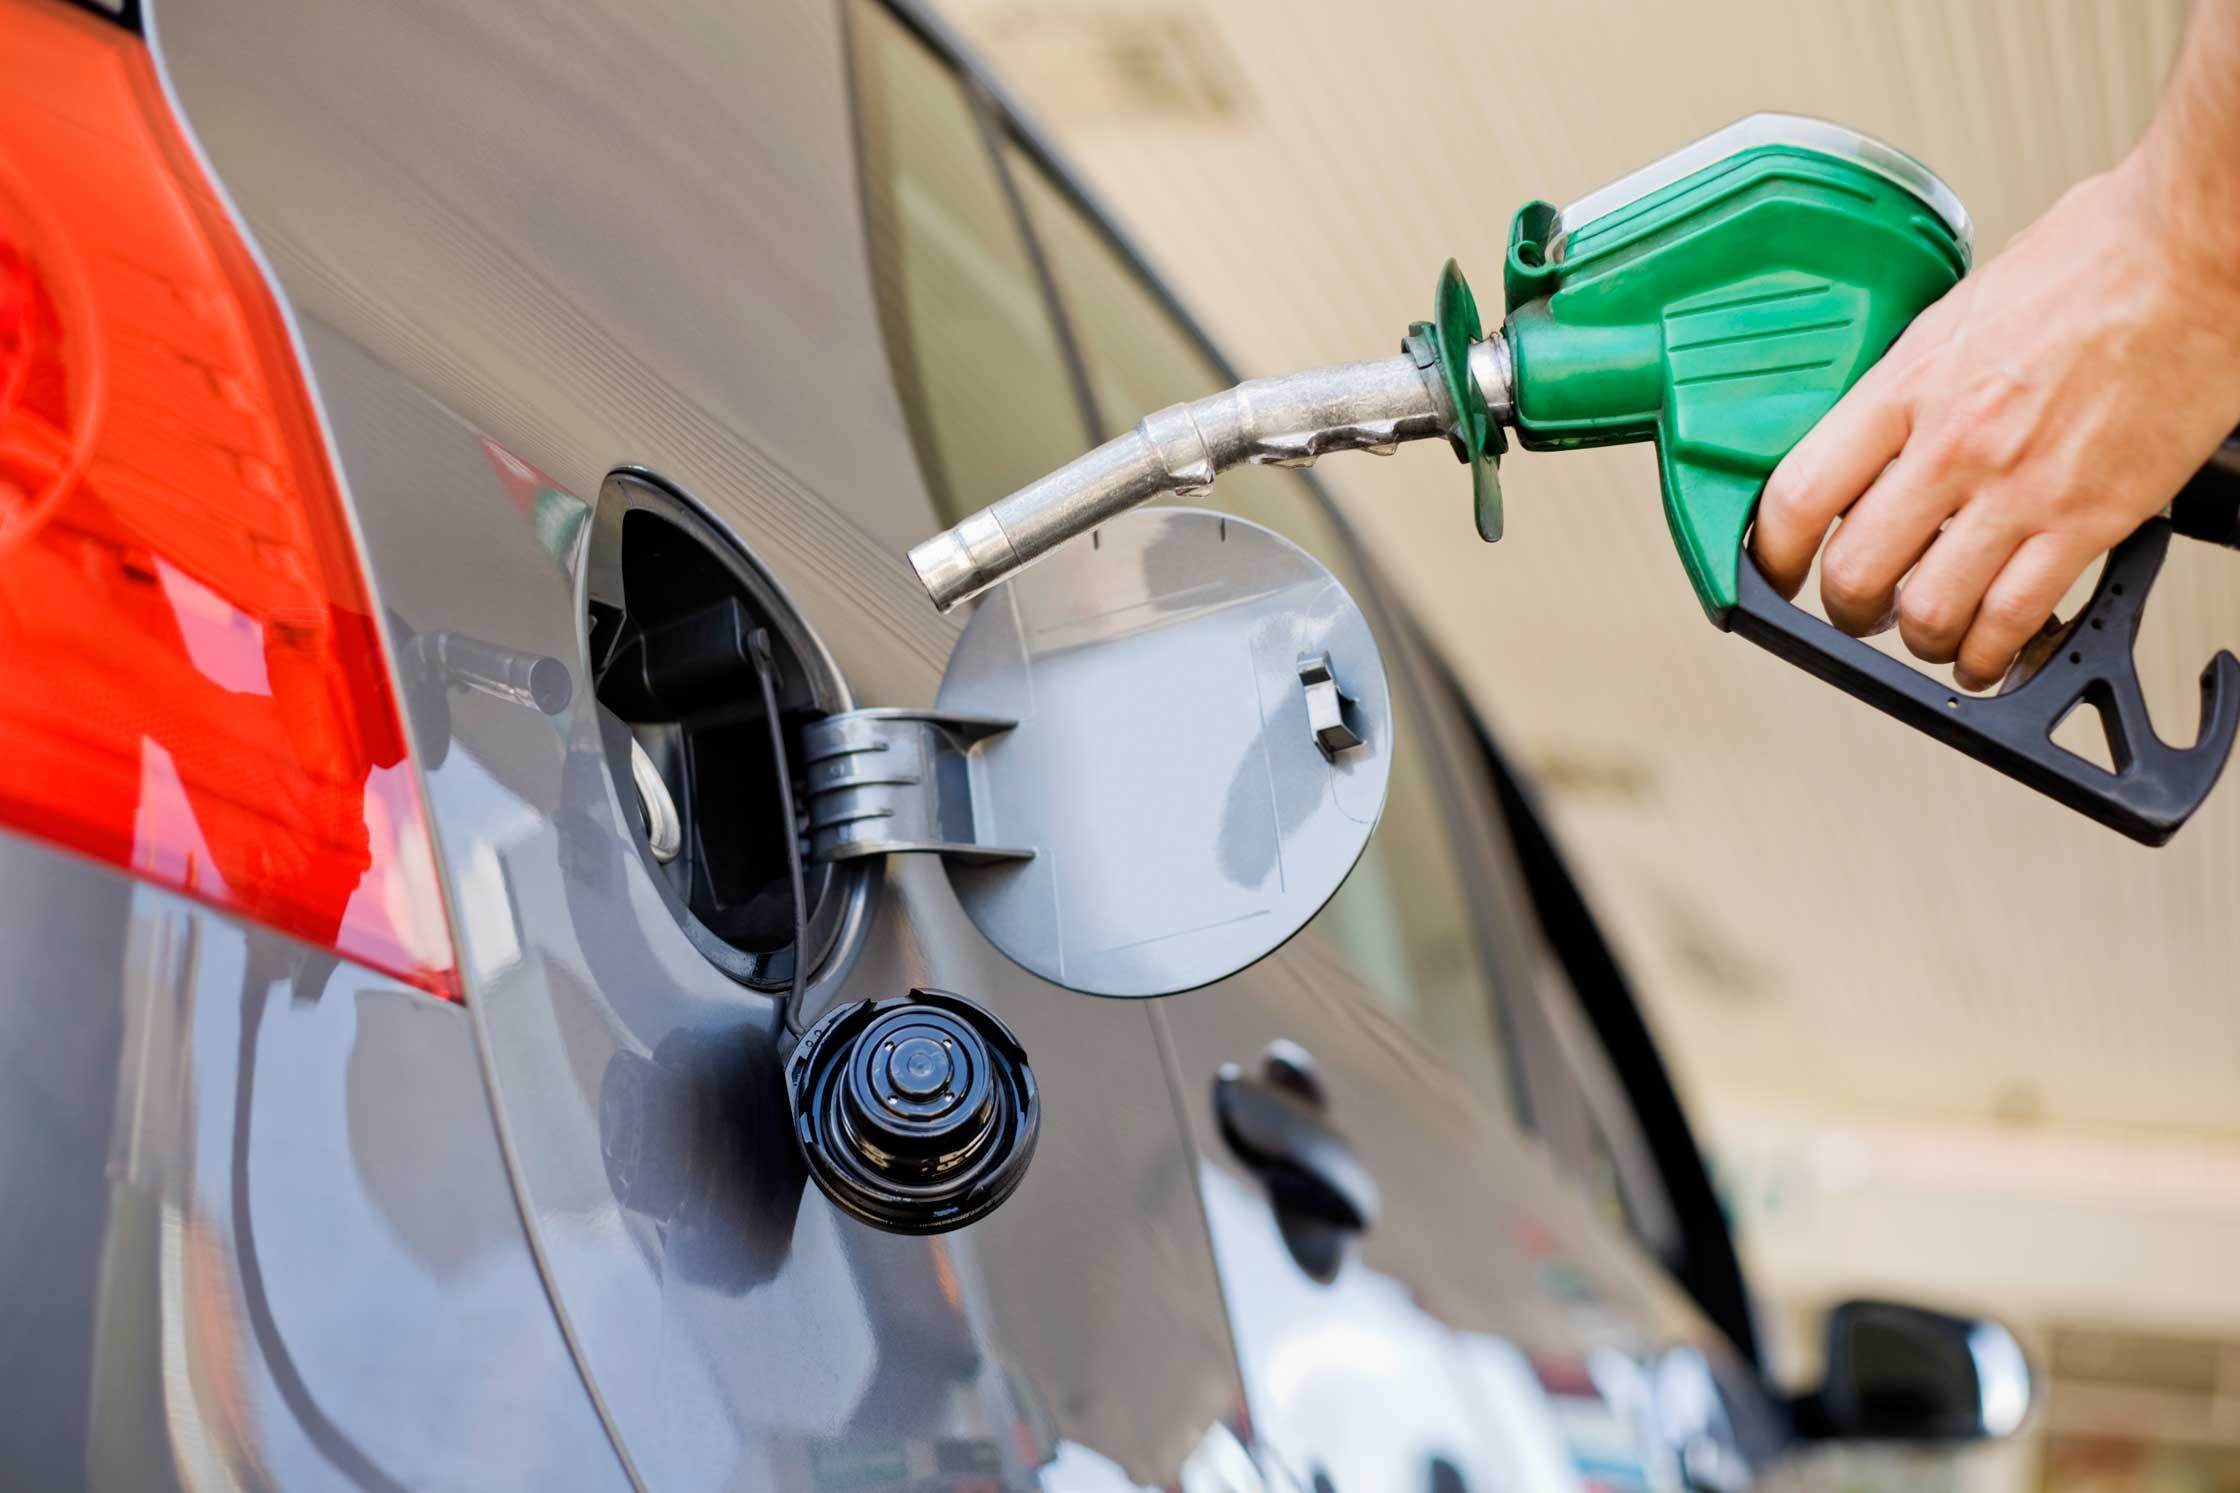 La mayoría de los combustibles bajan de precio; GLP aumenta